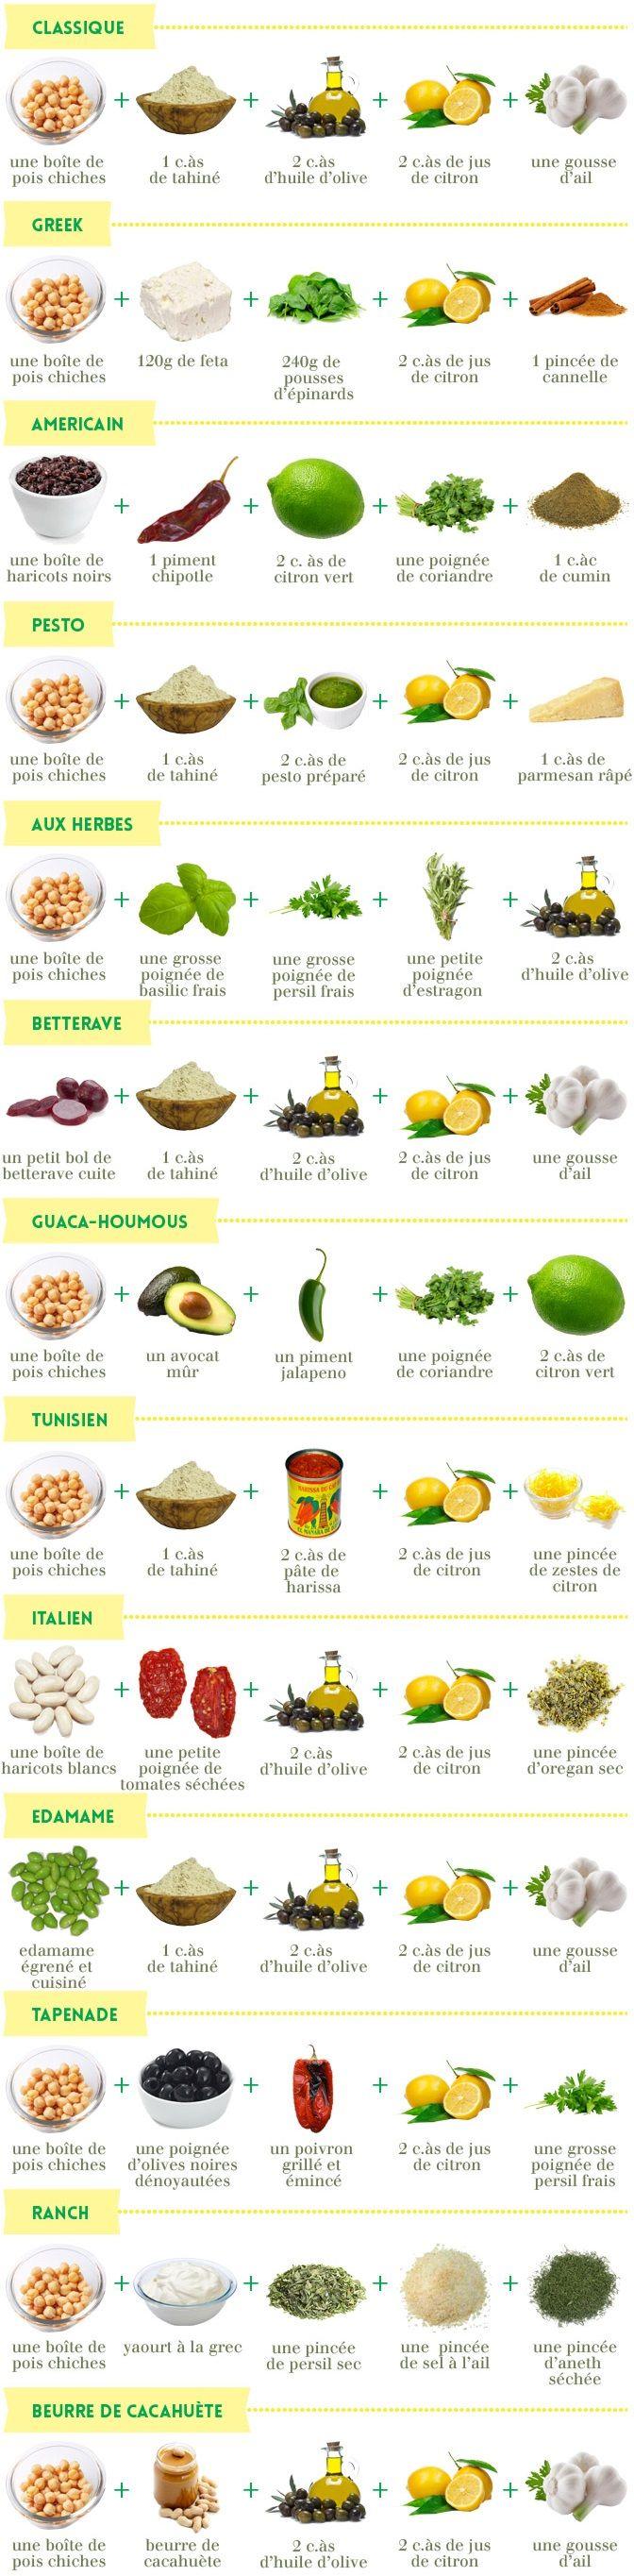 Vous aimez le houmous ? Alors vous adorerez découvrir ces 13 recettes différentes. Du classique libanais au tunisien piquant, en passant par le grec ou encore celui à la betterave, ces houmous regorgent tous de saveurs et feront voyager le cuisinier bio qui est en vous.